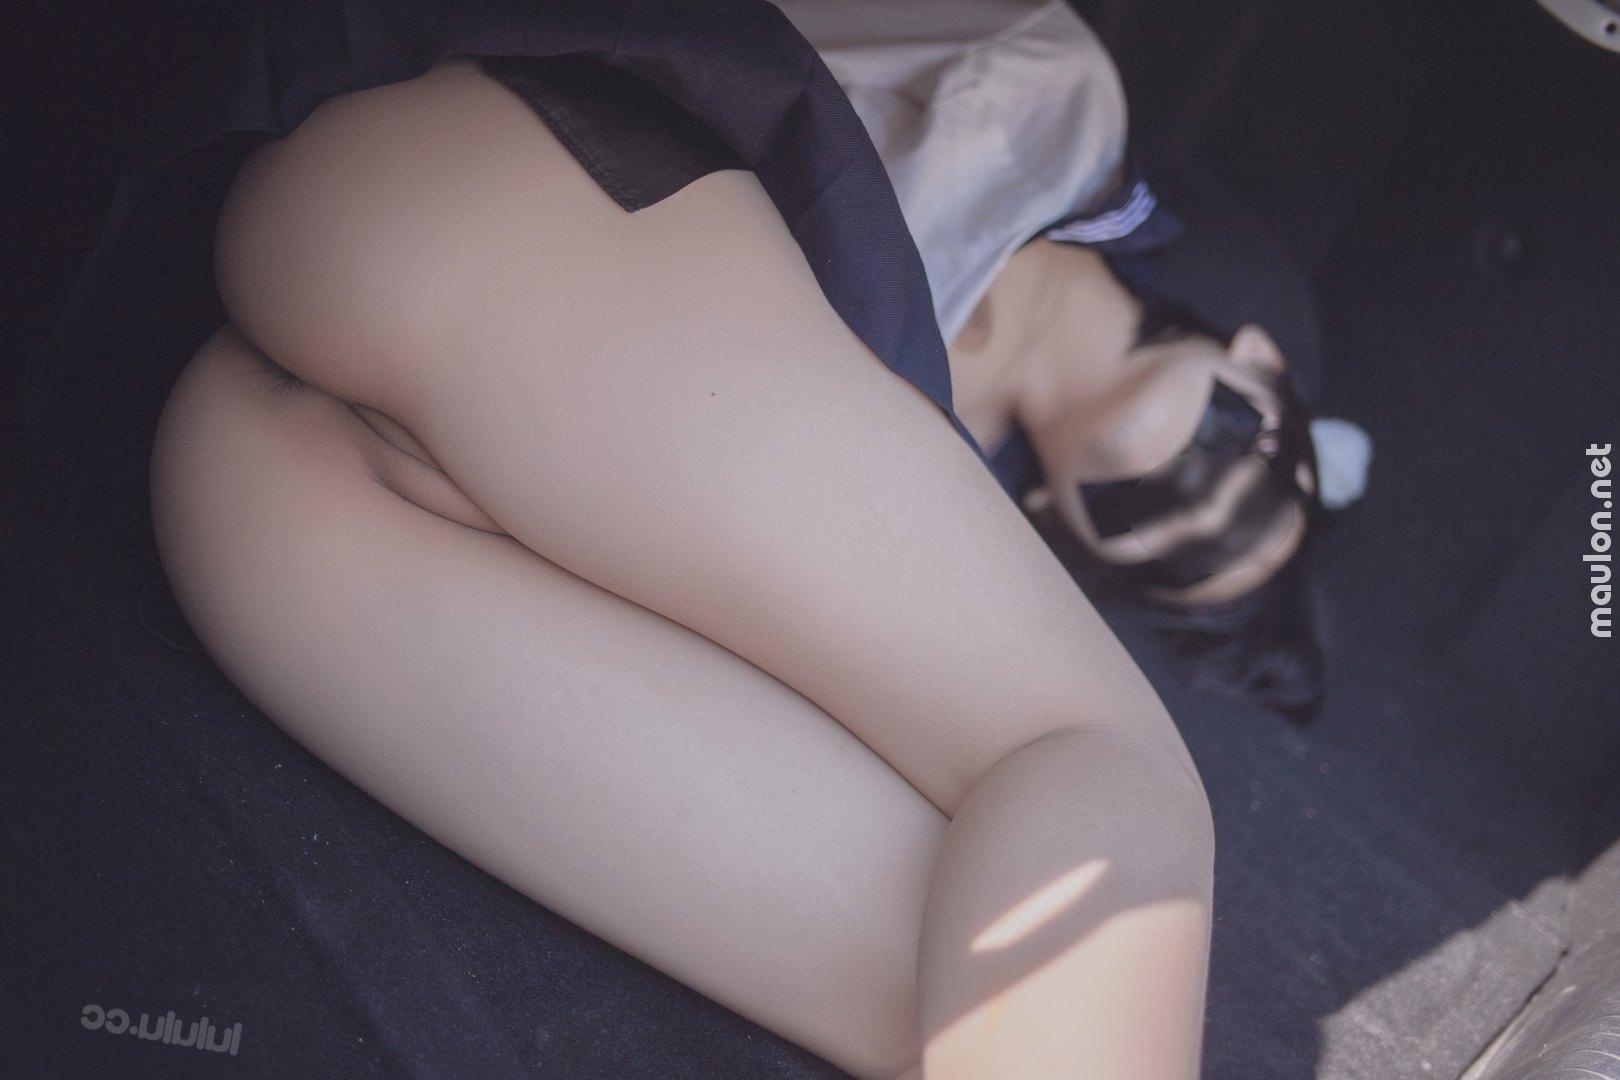 MauLon.Net - Ảnh sex học sinh khoe hàng - lụm cốp thì được em